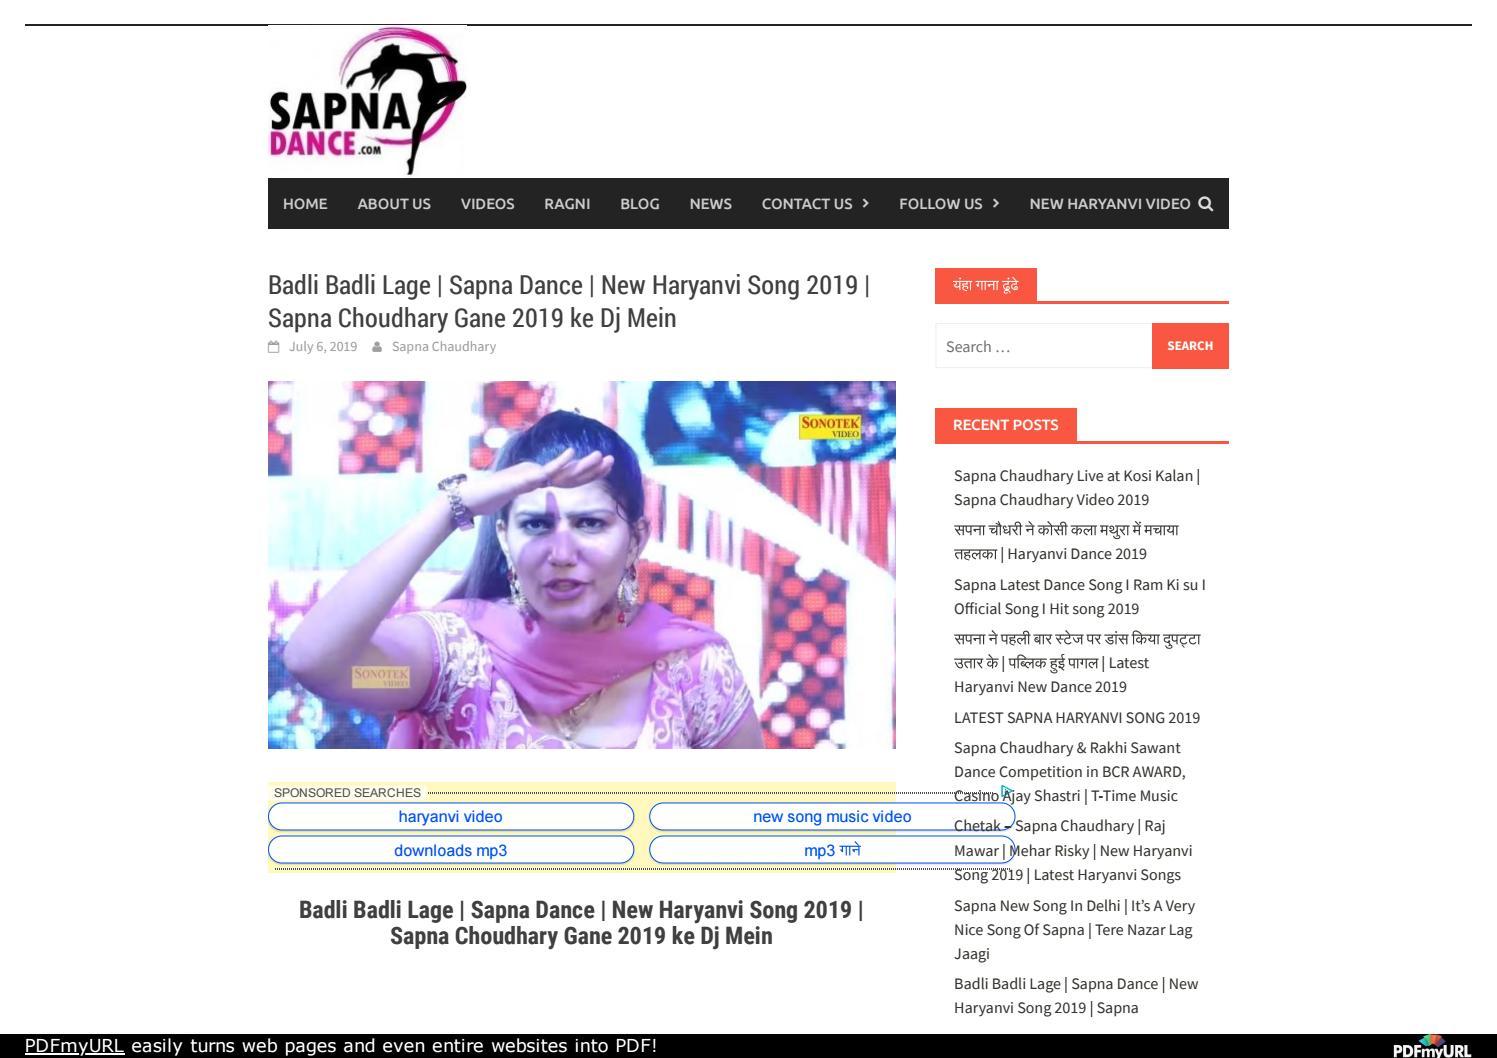 Badli Badli Lage Sapna Dance New Haryanvi Song 2019 Sapna